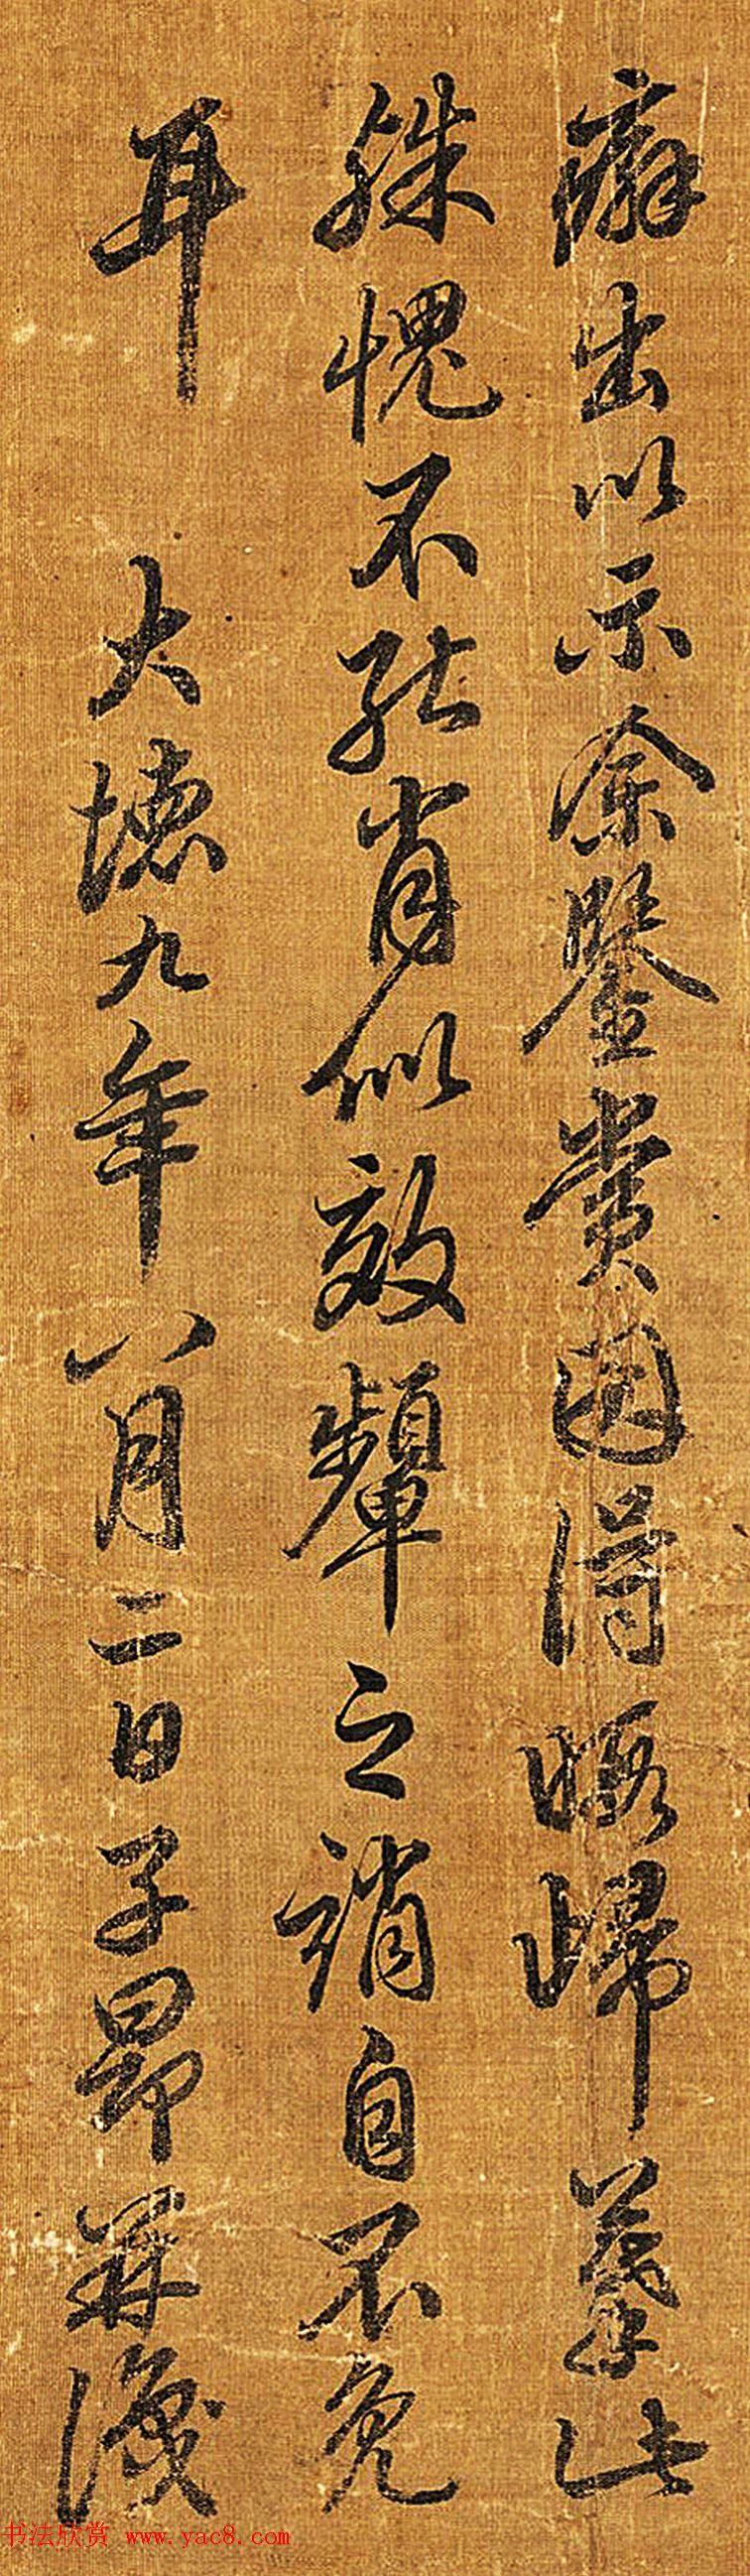 元代赵孟頫书画作品《相马图》美国馆藏